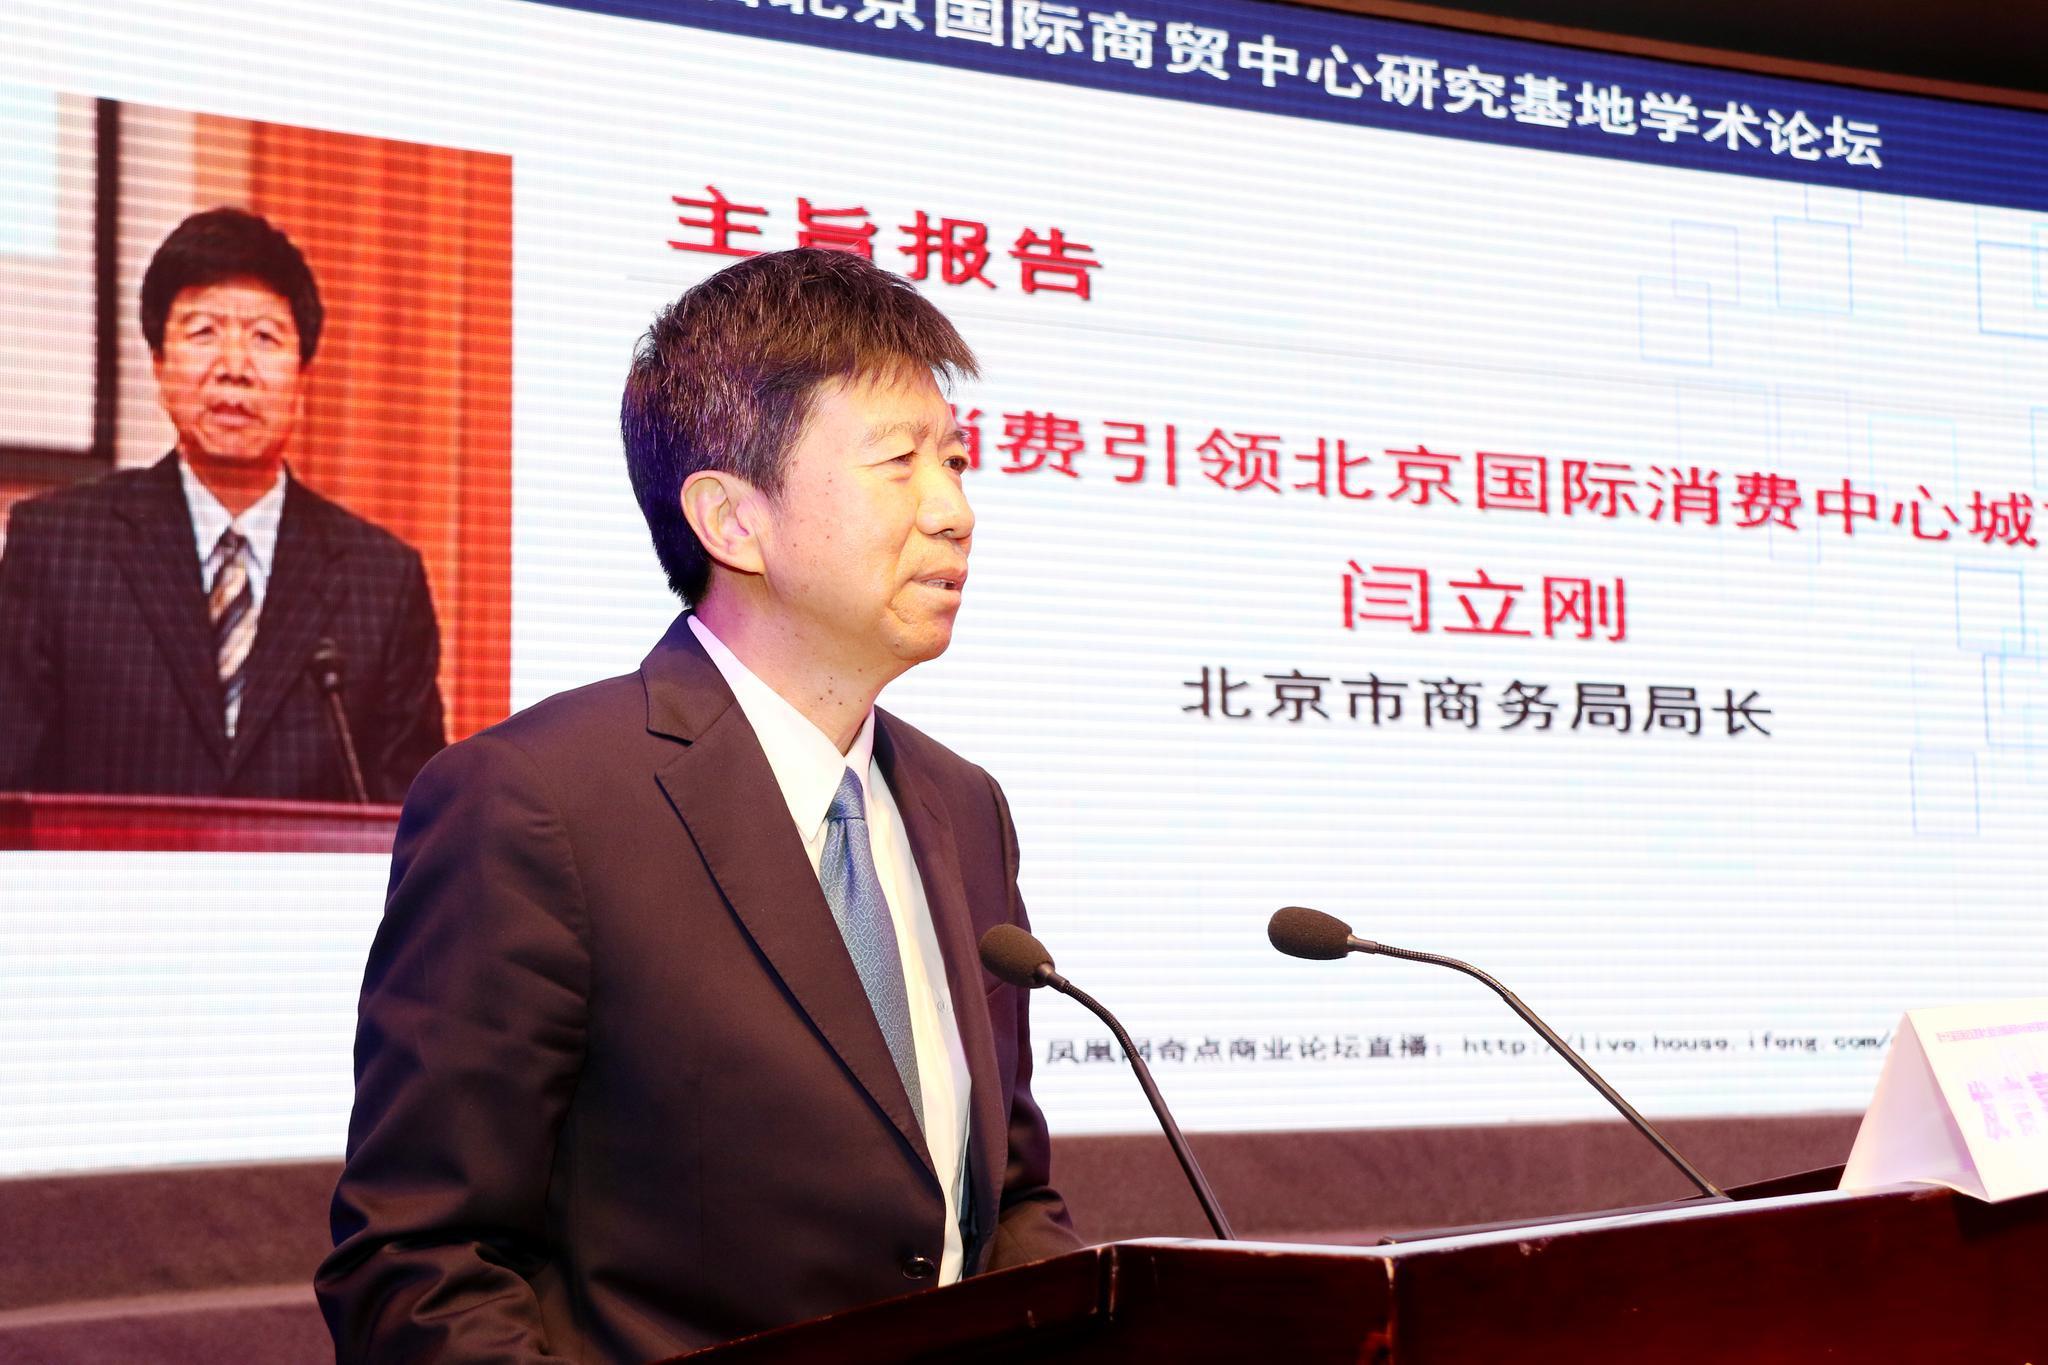 北京市商务局局长闫立刚:北京消费趋势呈品质化、智能化、高端化图片